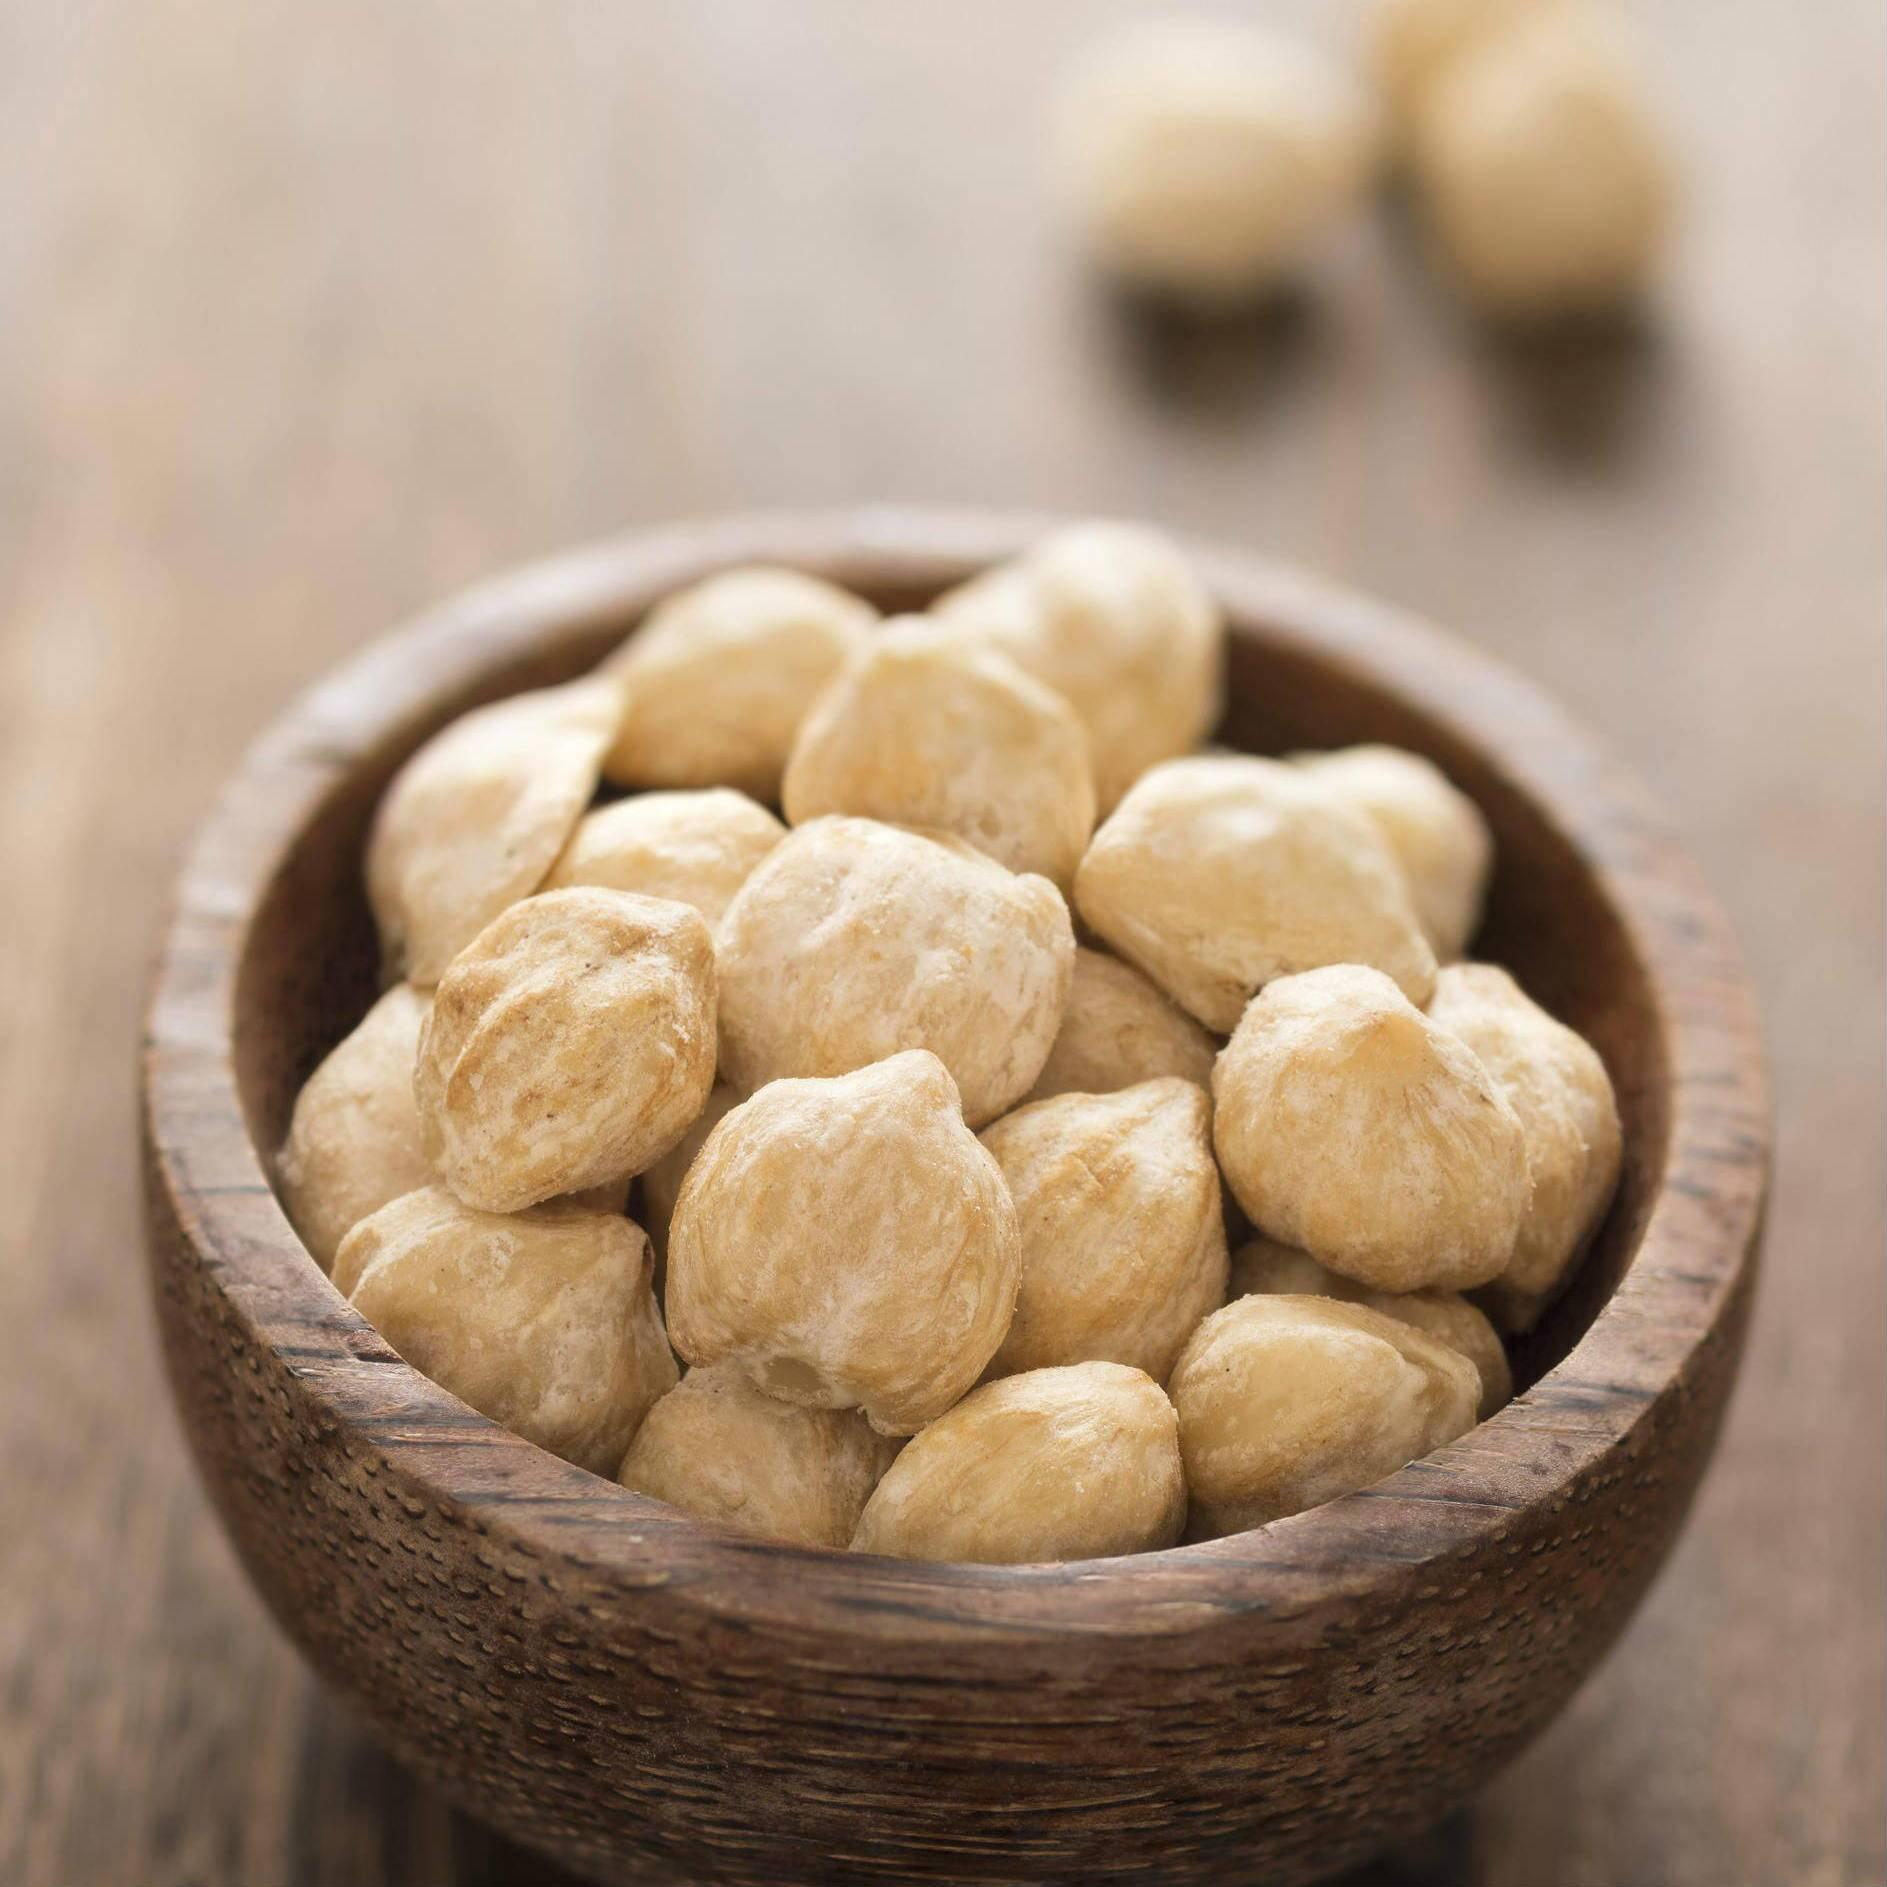 Орехи кукуи и их применение, масло орехов кукуи. домашний уход за лицом с помощью масла кукуи орех кукуй